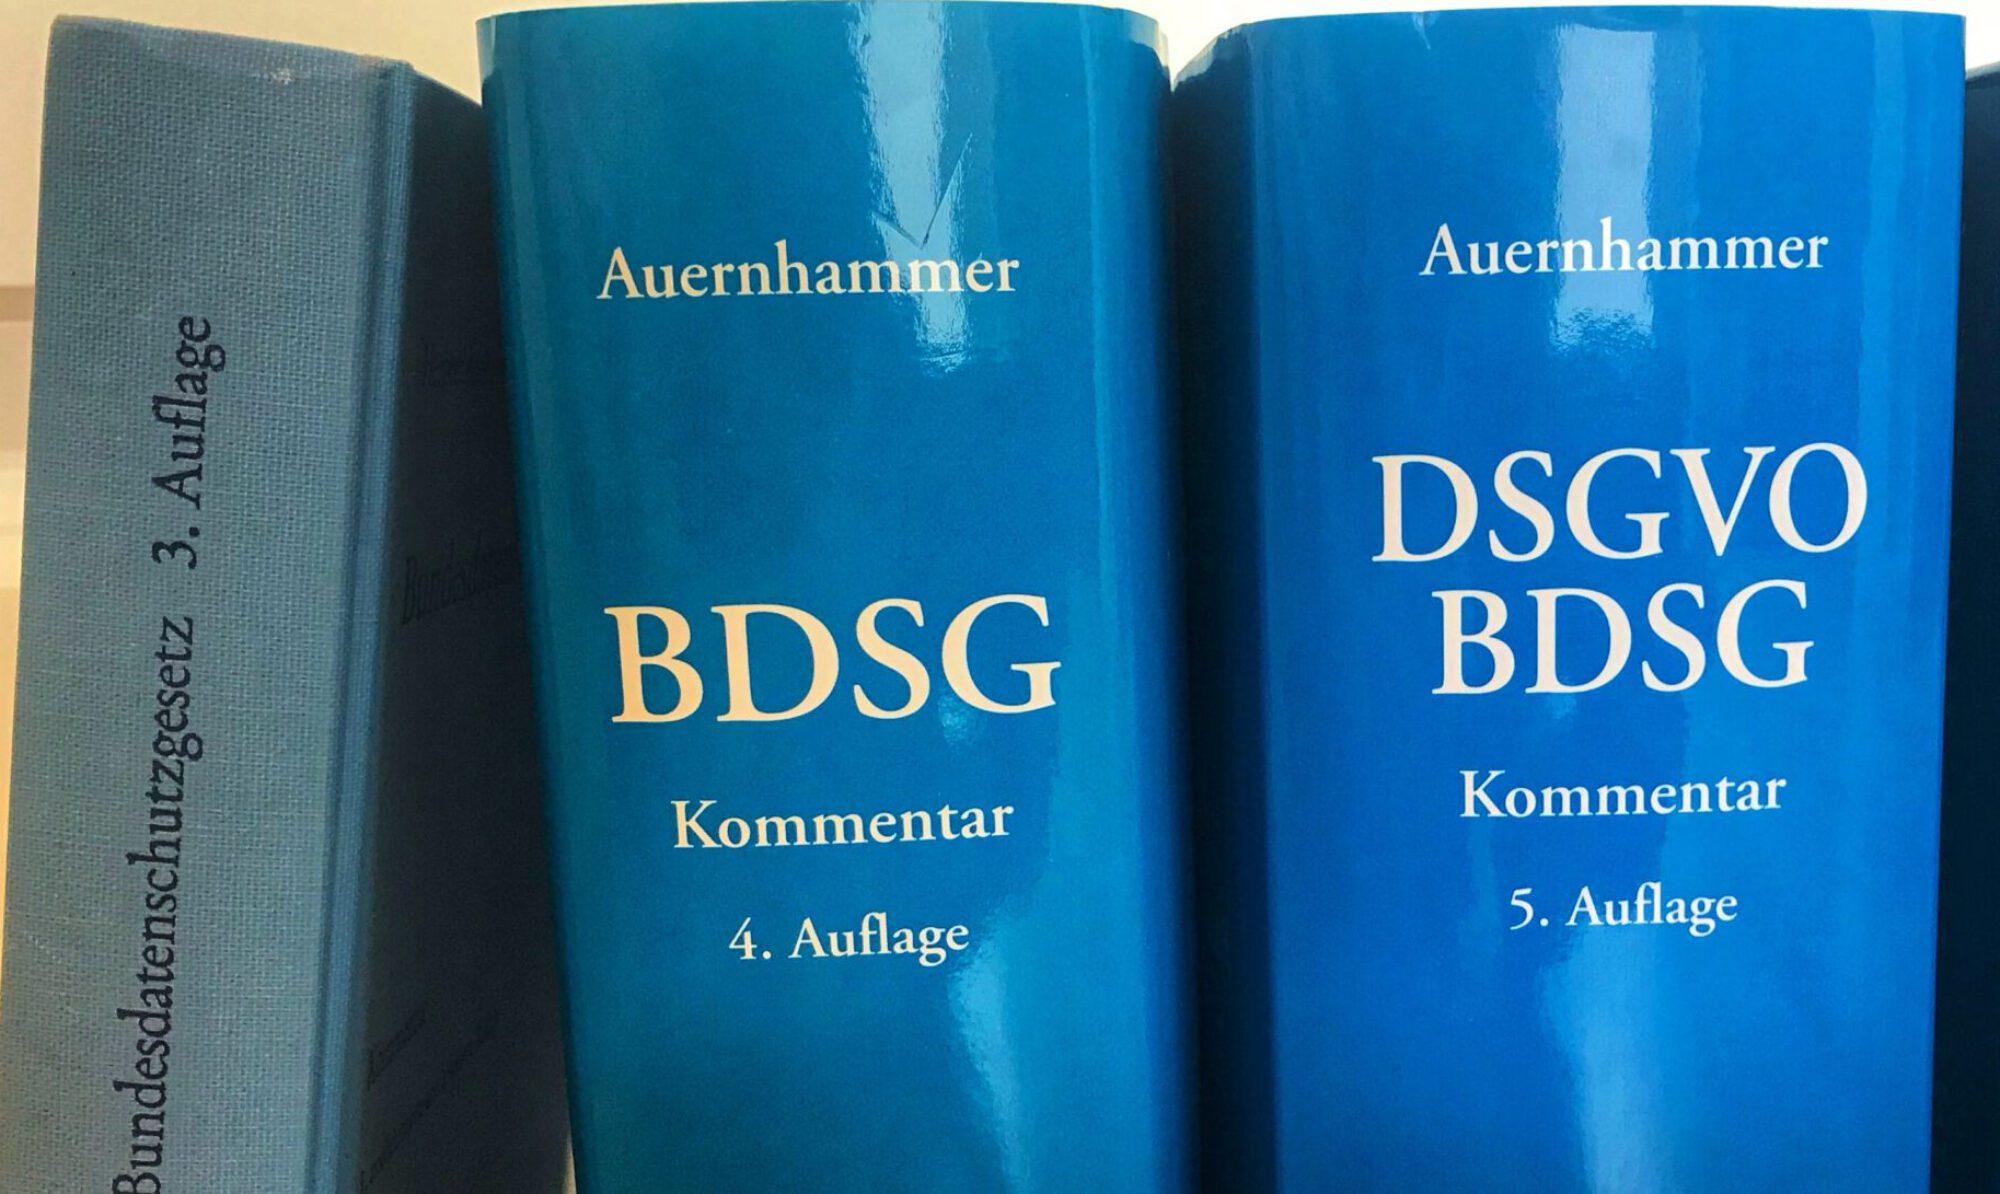 Auernhammer | DSGVO BDSG